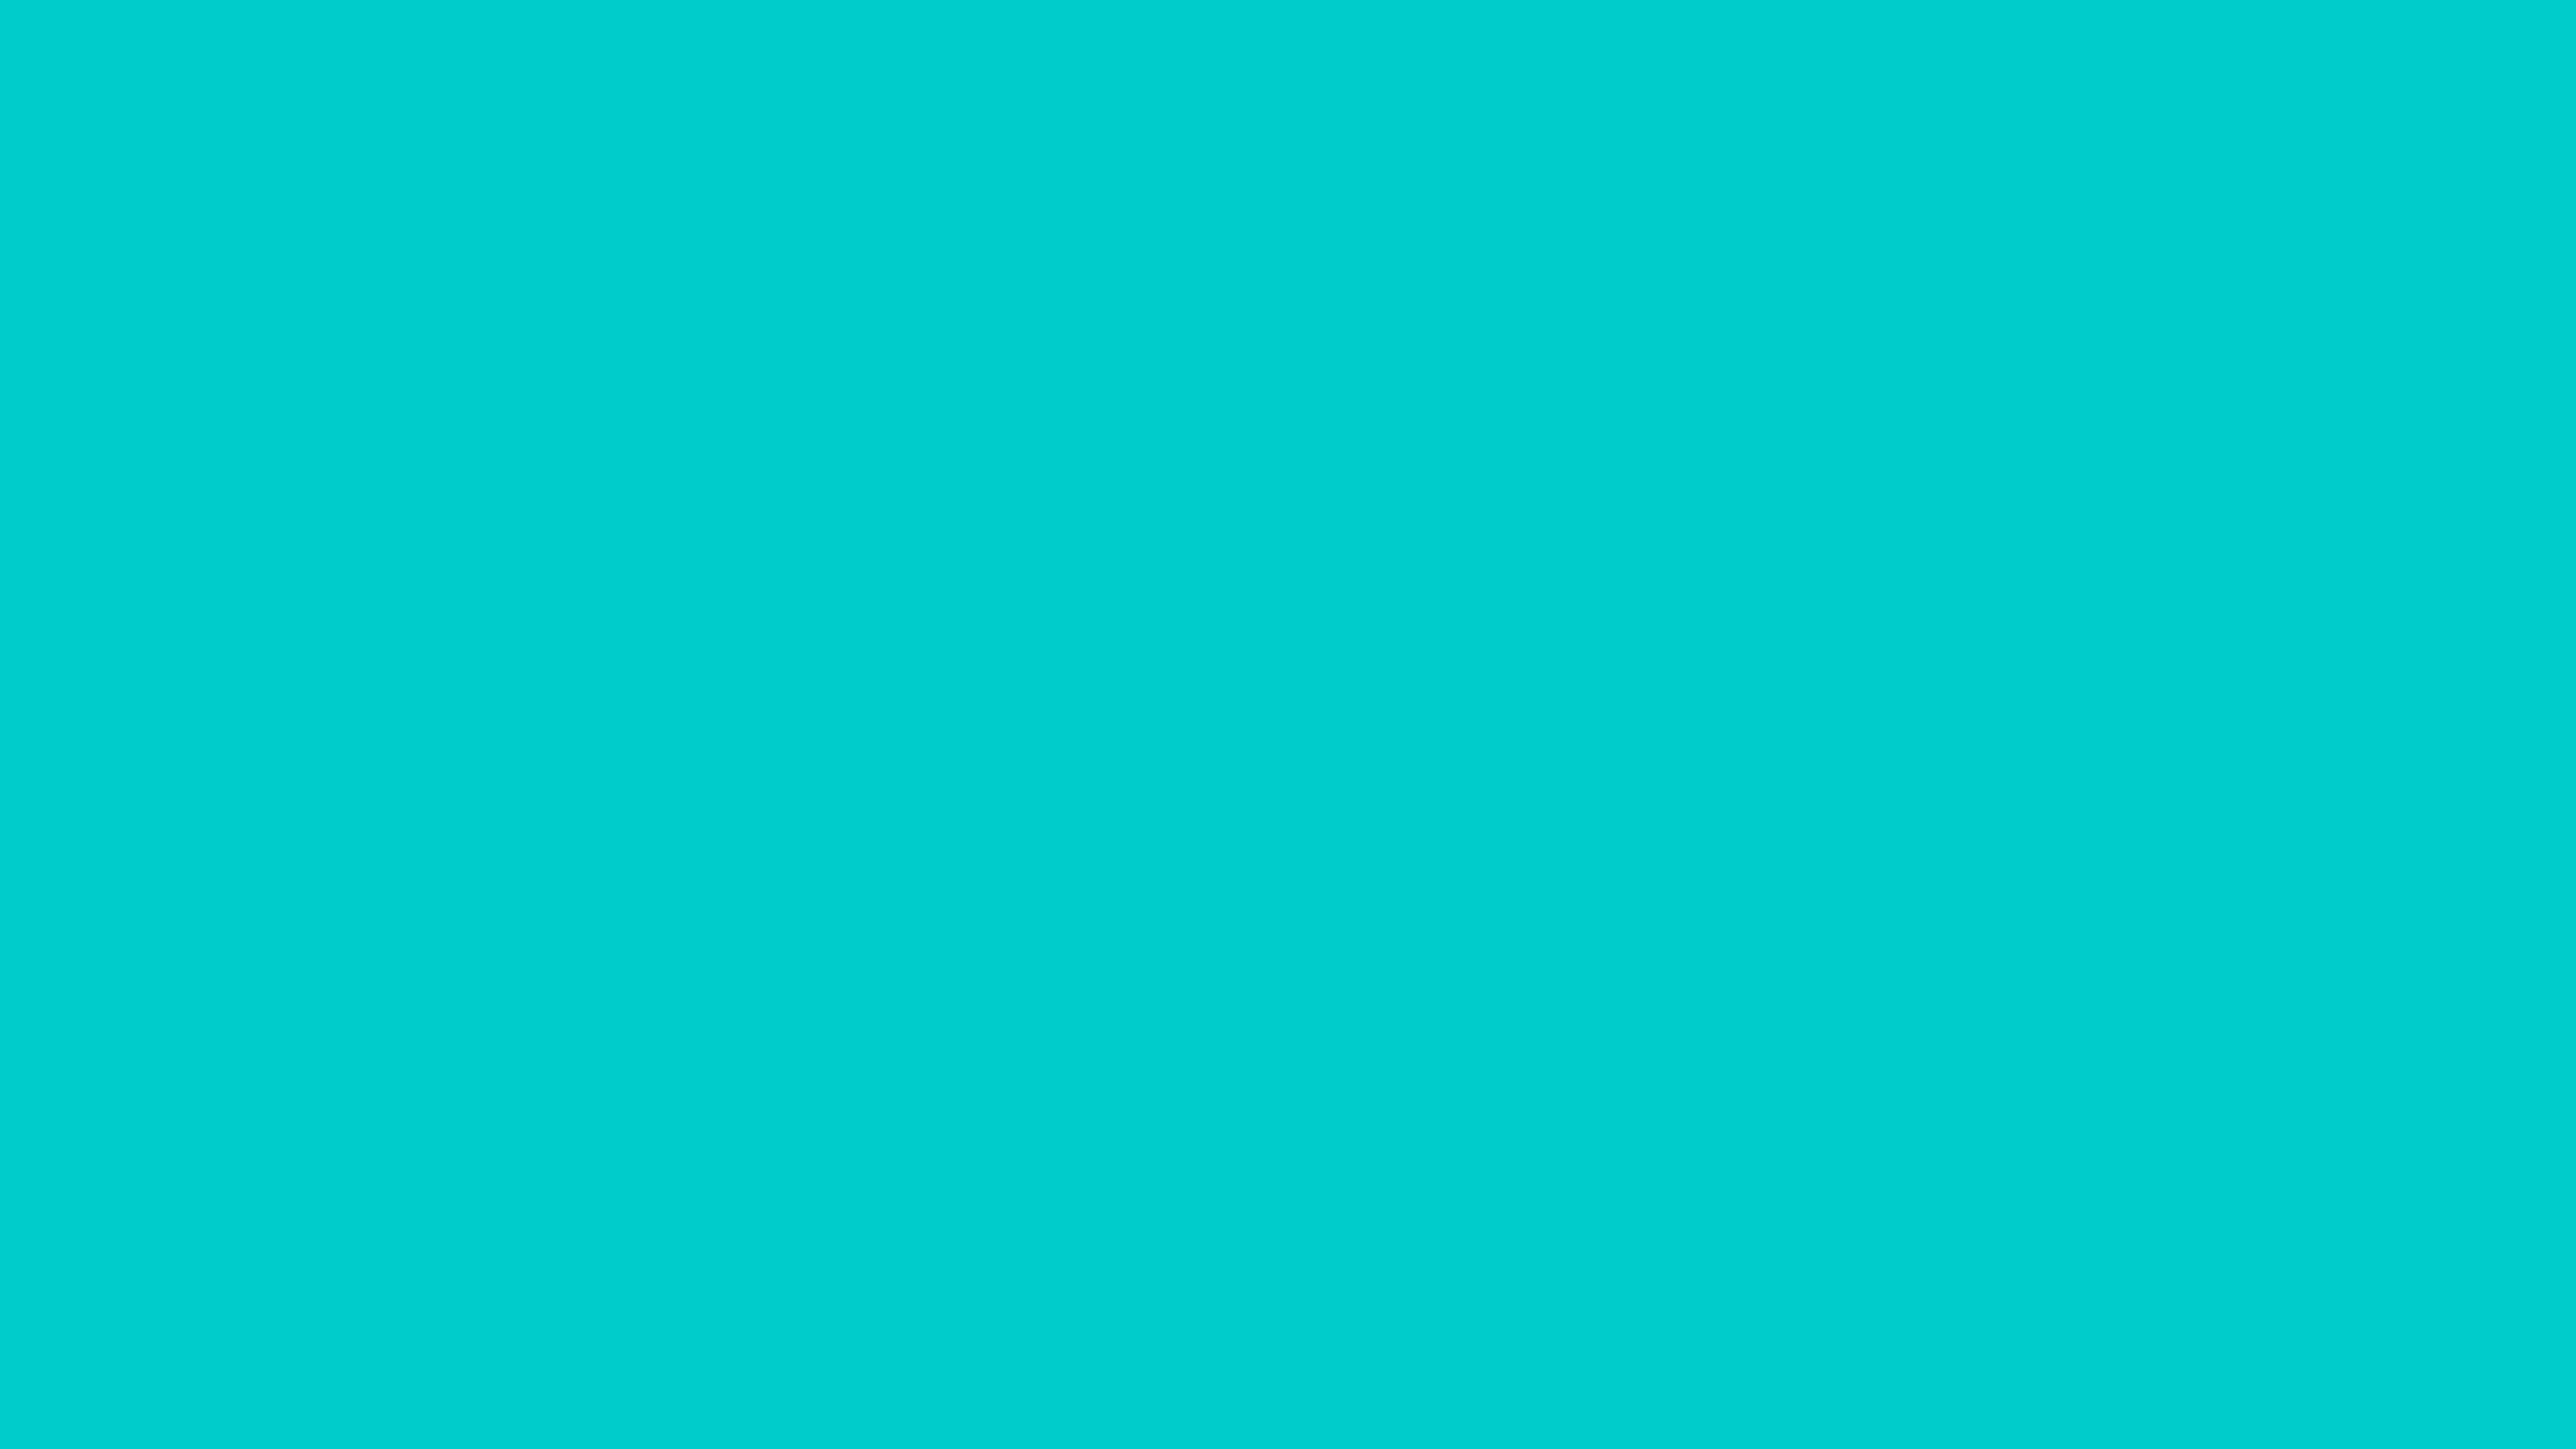 3840x2160 Robin Egg Blue Solid Color Background